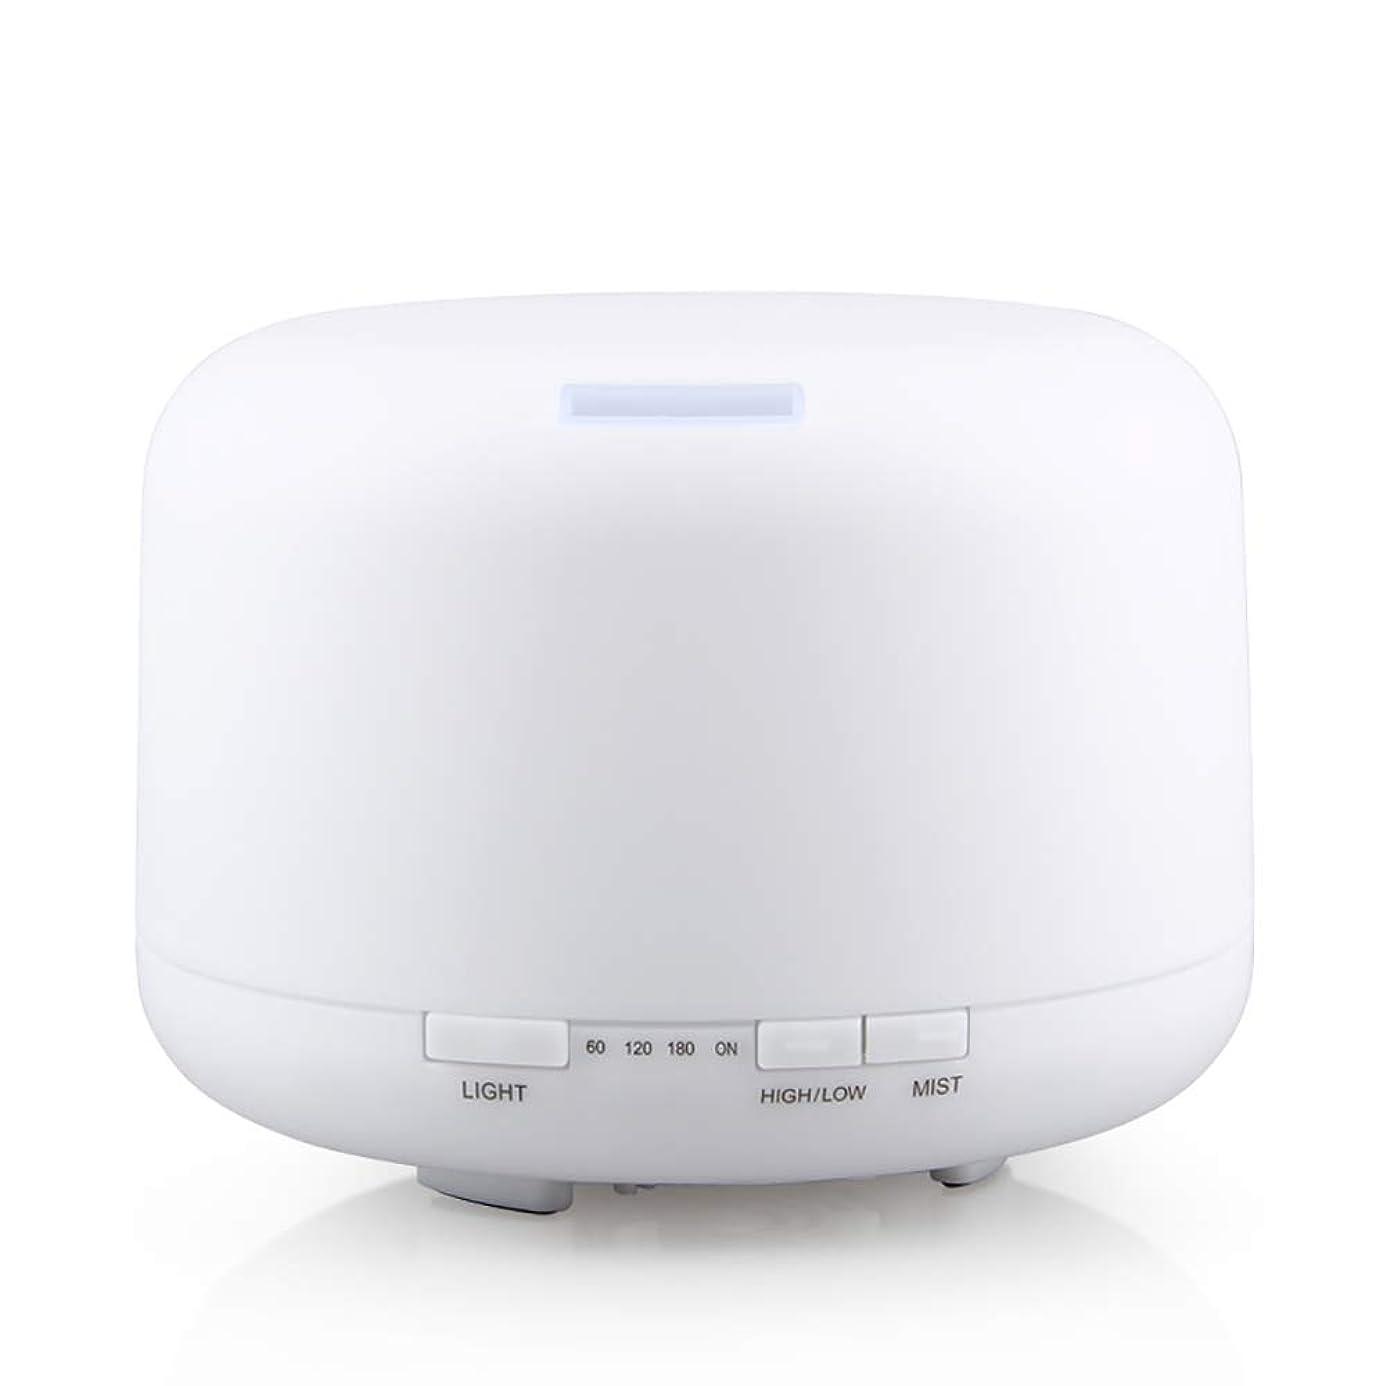 入植者前件コットン500ml 家庭用加湿器プラグイン超音波アロマセラピーマシンエッセンシャルオイル加湿器ホームナイトライト